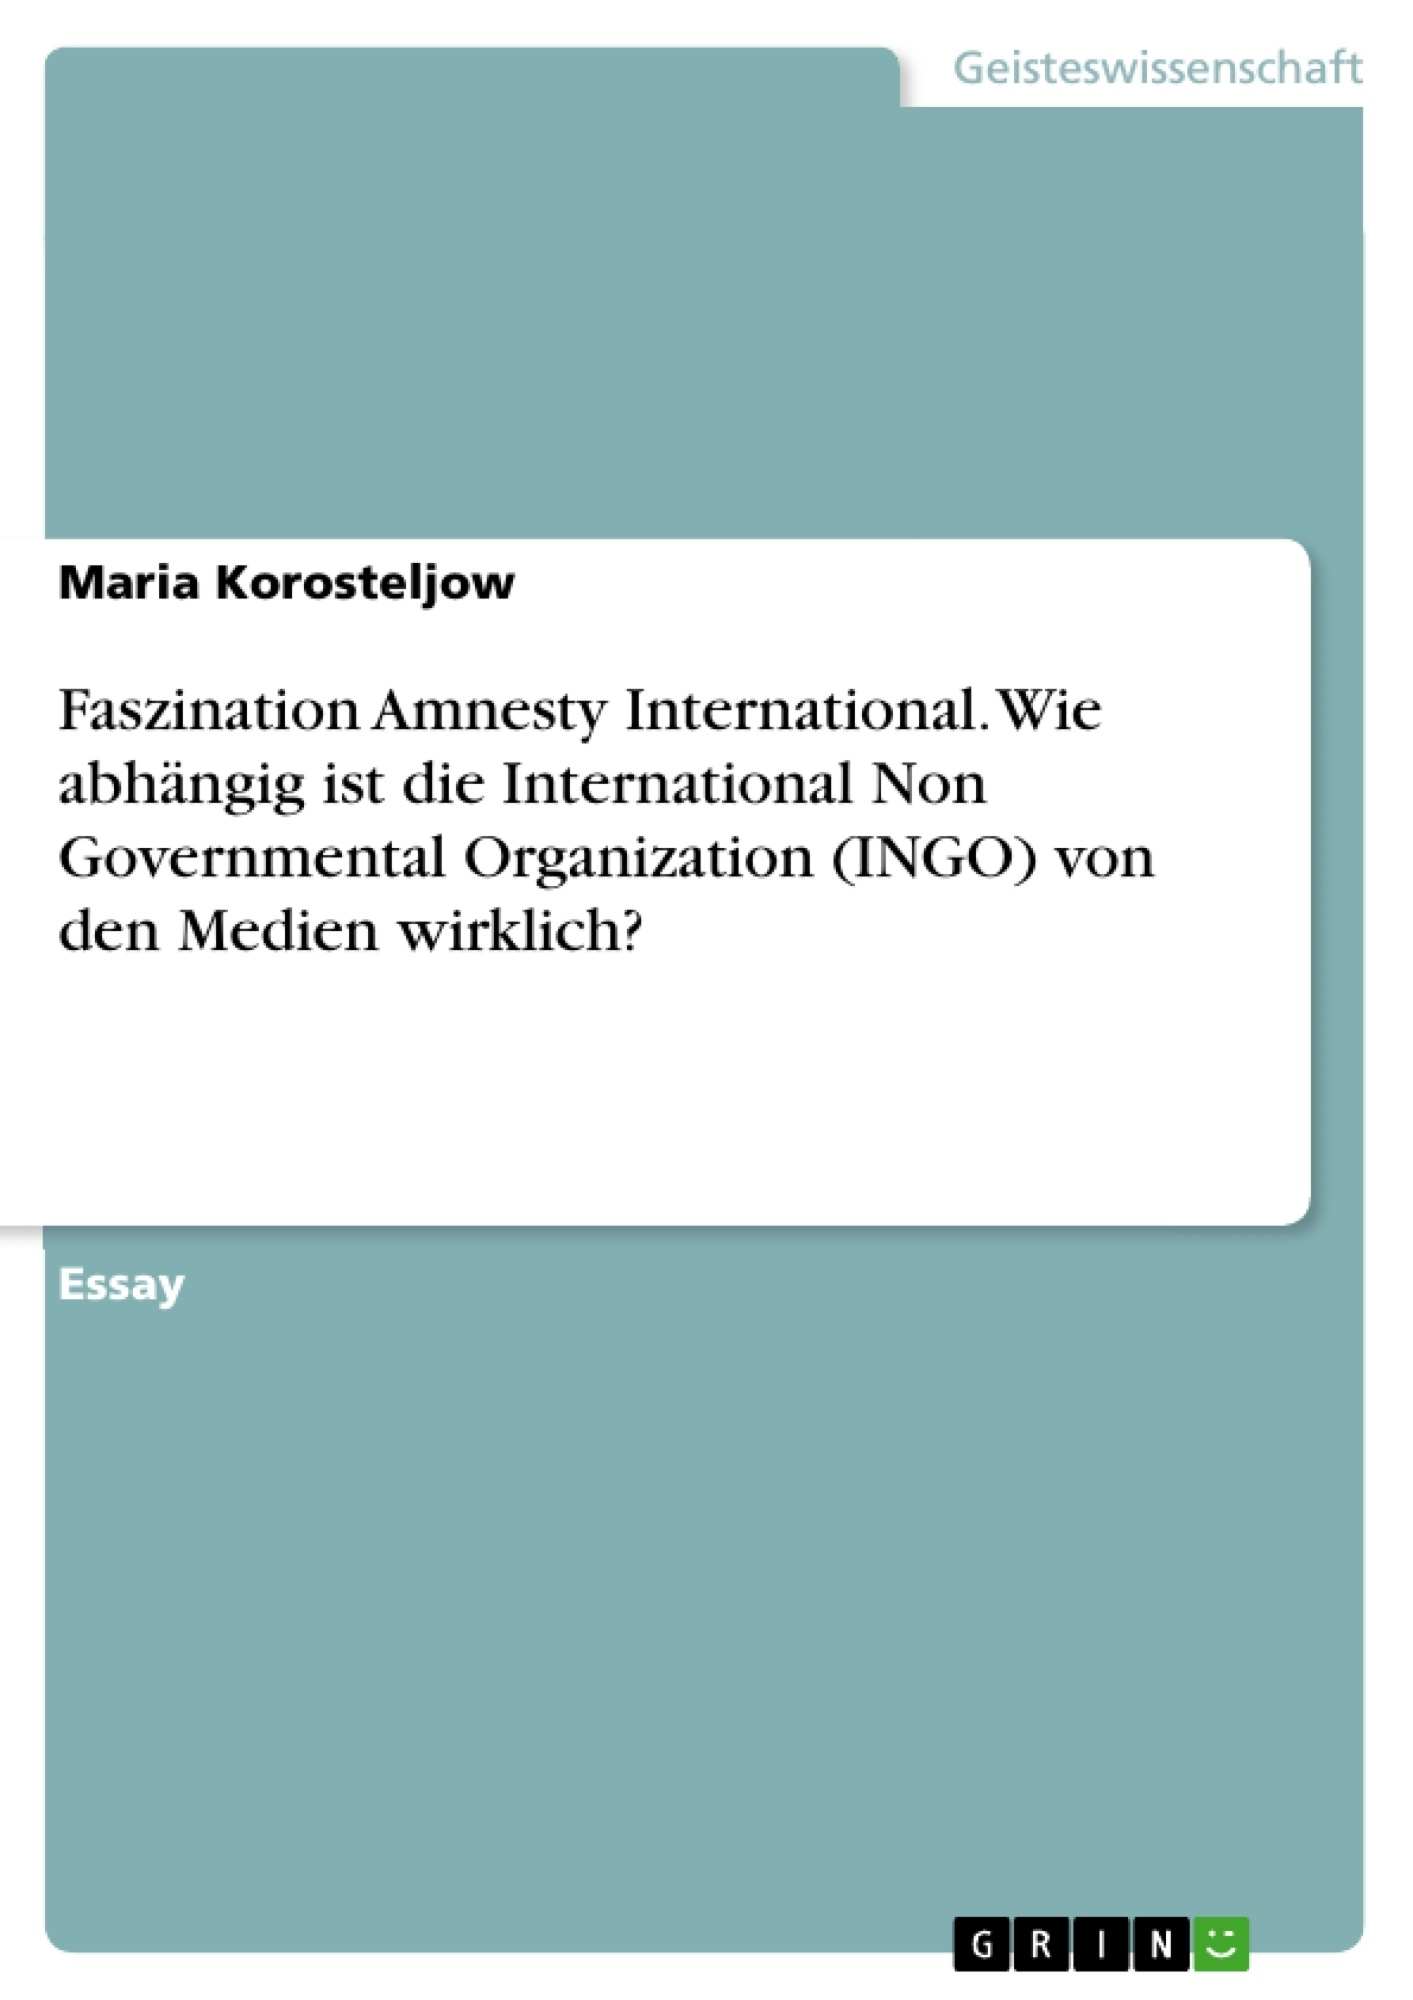 Titel: Faszination Amnesty International. Wie abhängig ist die International Non Governmental Organization (INGO) von den Medien wirklich?